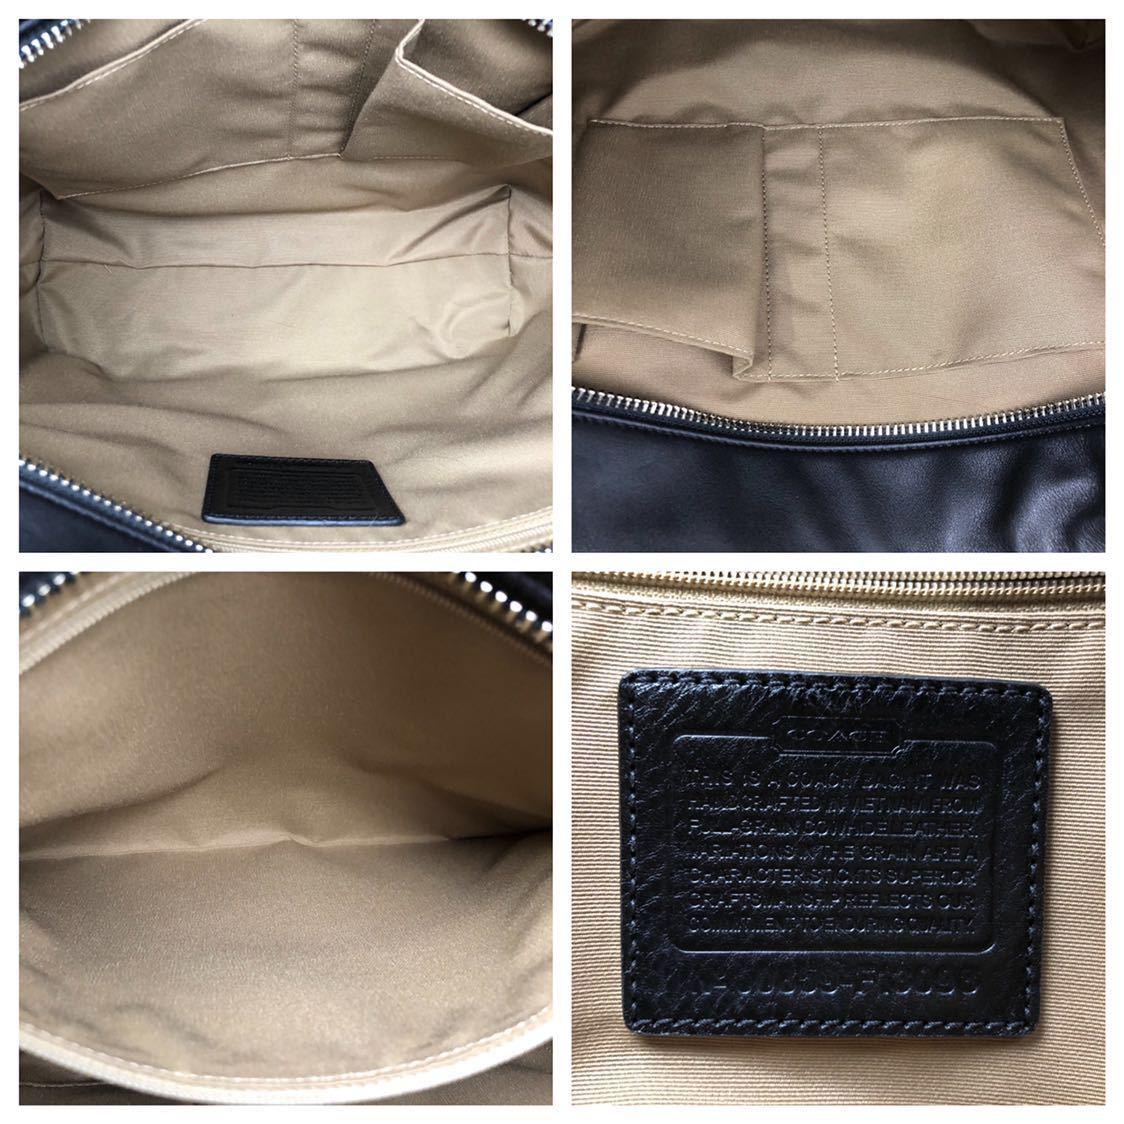 未使用品 美品 コーチ COACH トートバッグ バッグ ビジネスバッグ 黒 ブラック レザー メンズバッグ 革 14万 オールドコーチ ビンテージ _画像8